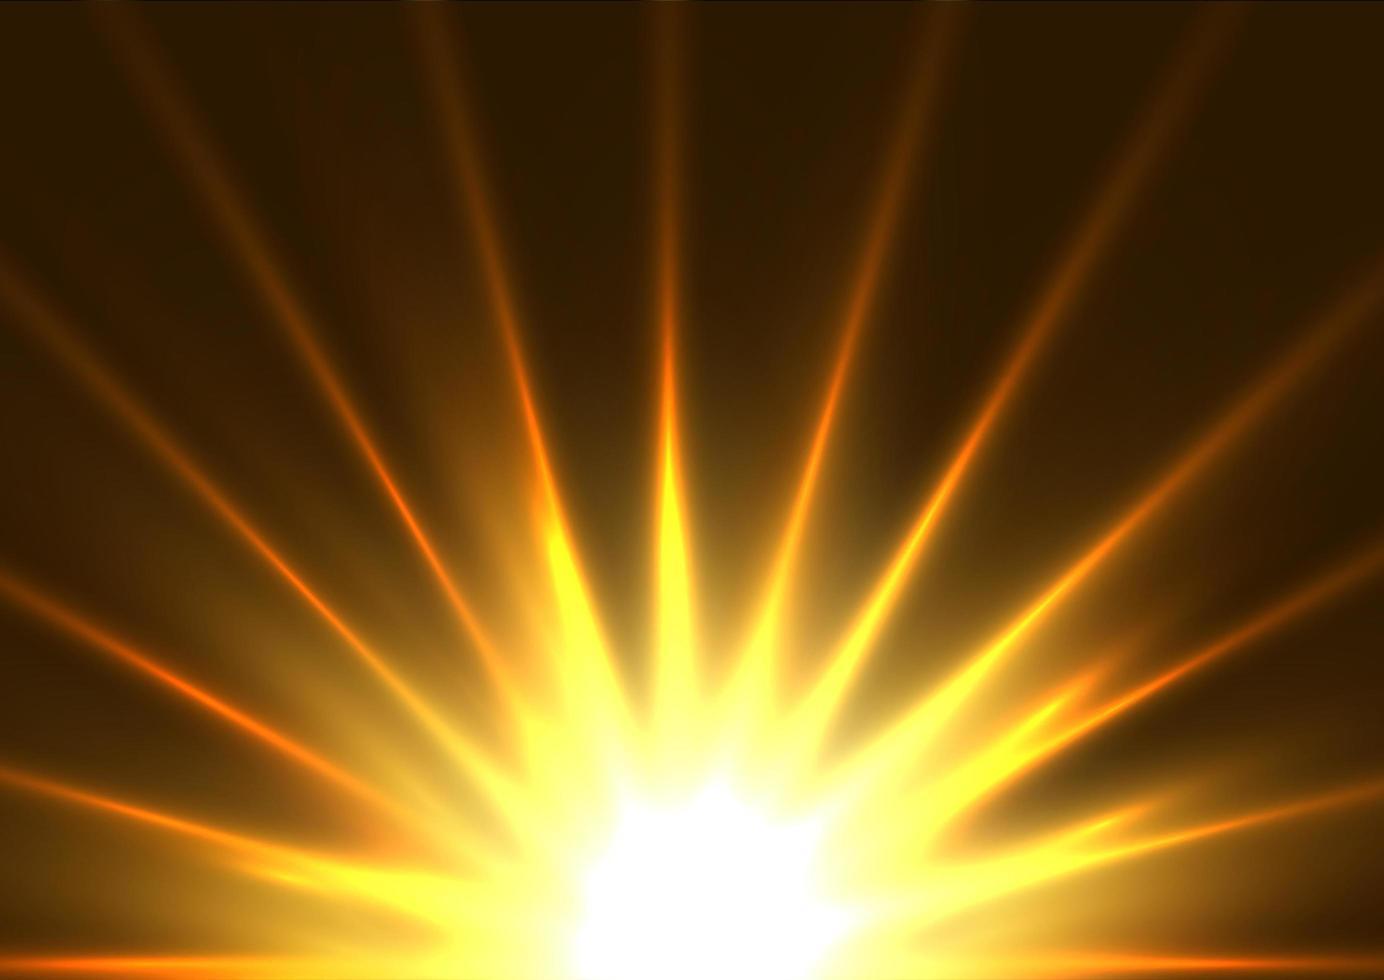 ljus starburst design vektor